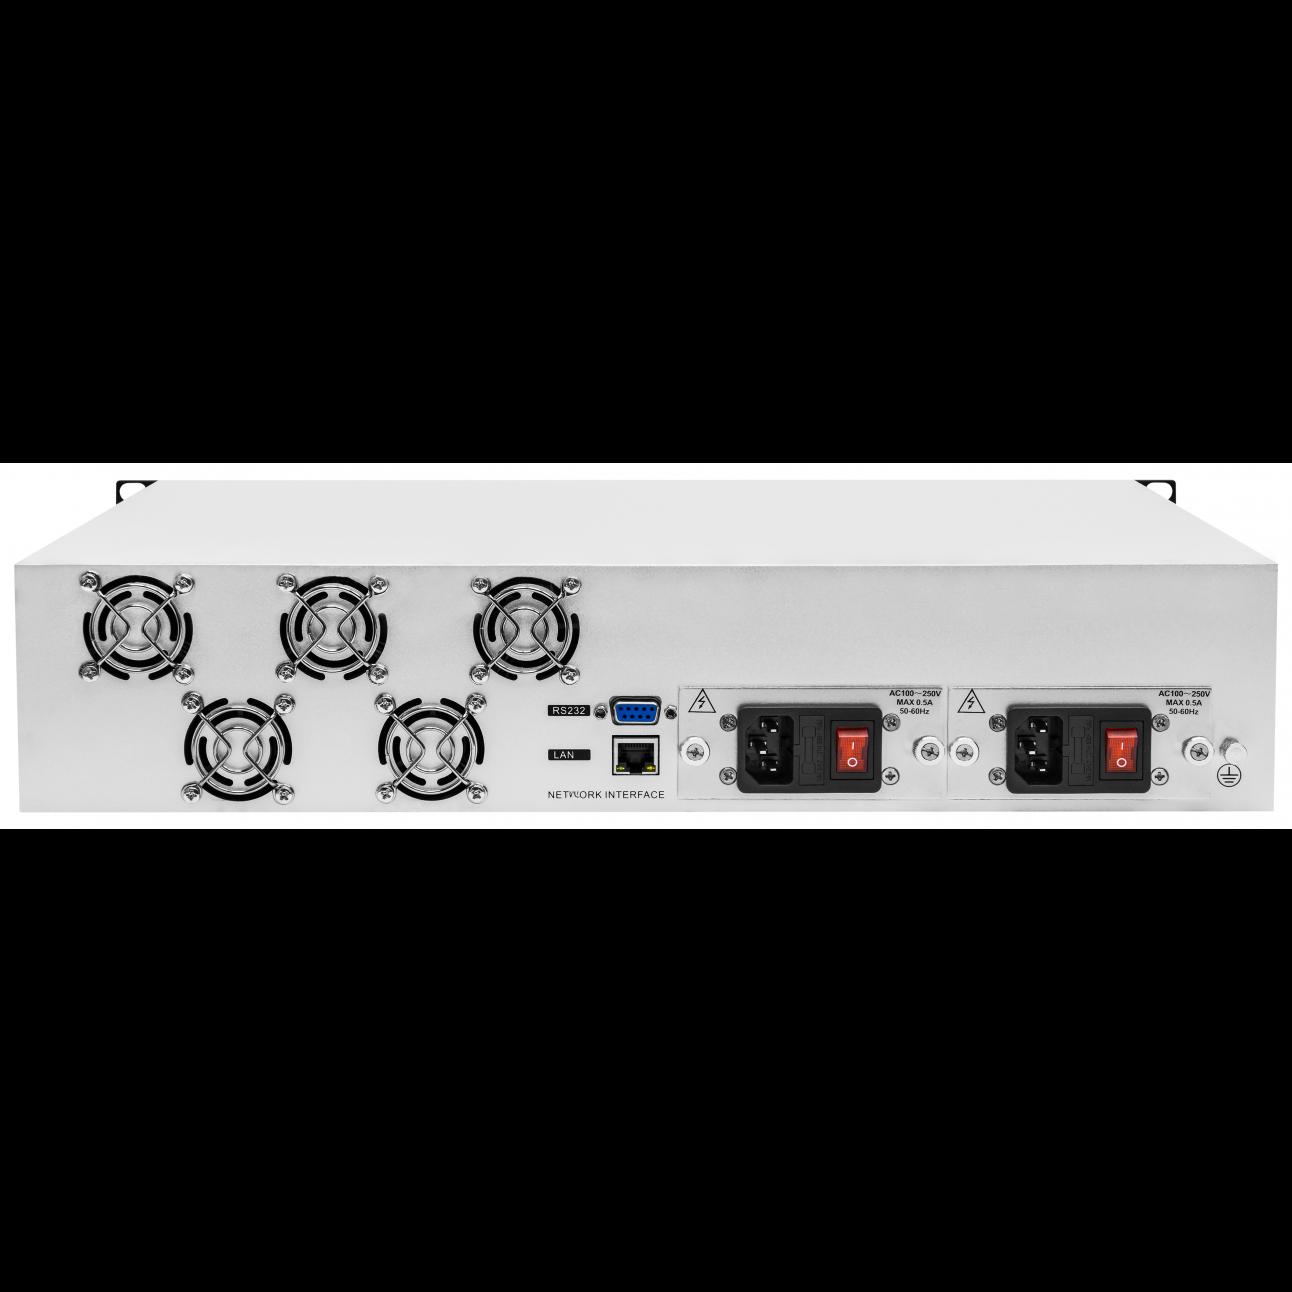 Оптический усилитель VERMAX для сетей КТВ, 2 входа, 8*19dBm выходов, WDM фильтр PON